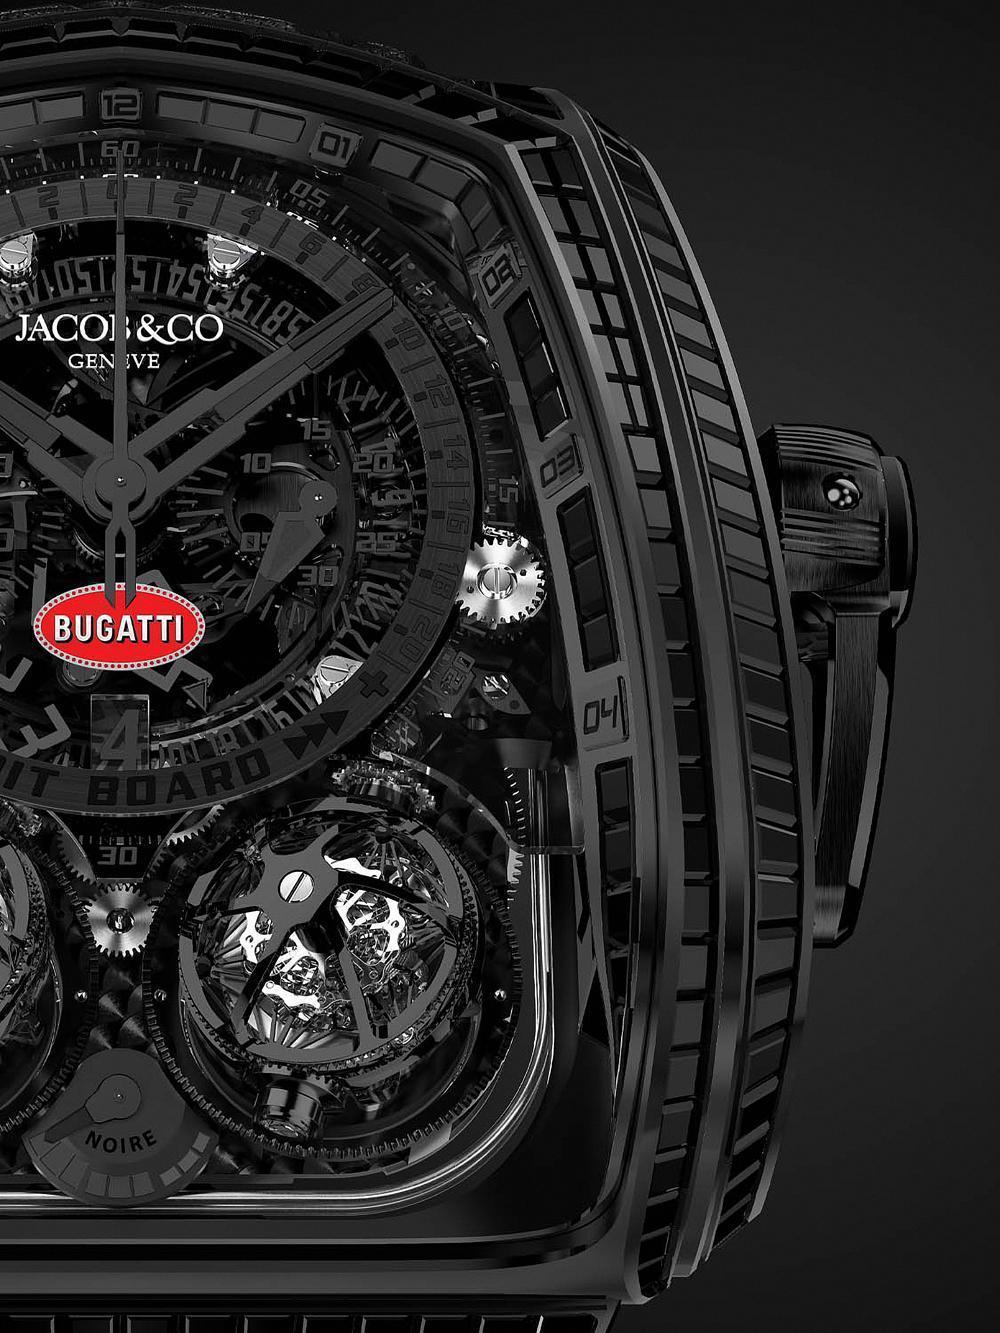 錶殼鑲嵌了不少於344顆的天然黑色寶石,同時賦予它類似超跑街胎的胎紋質感。